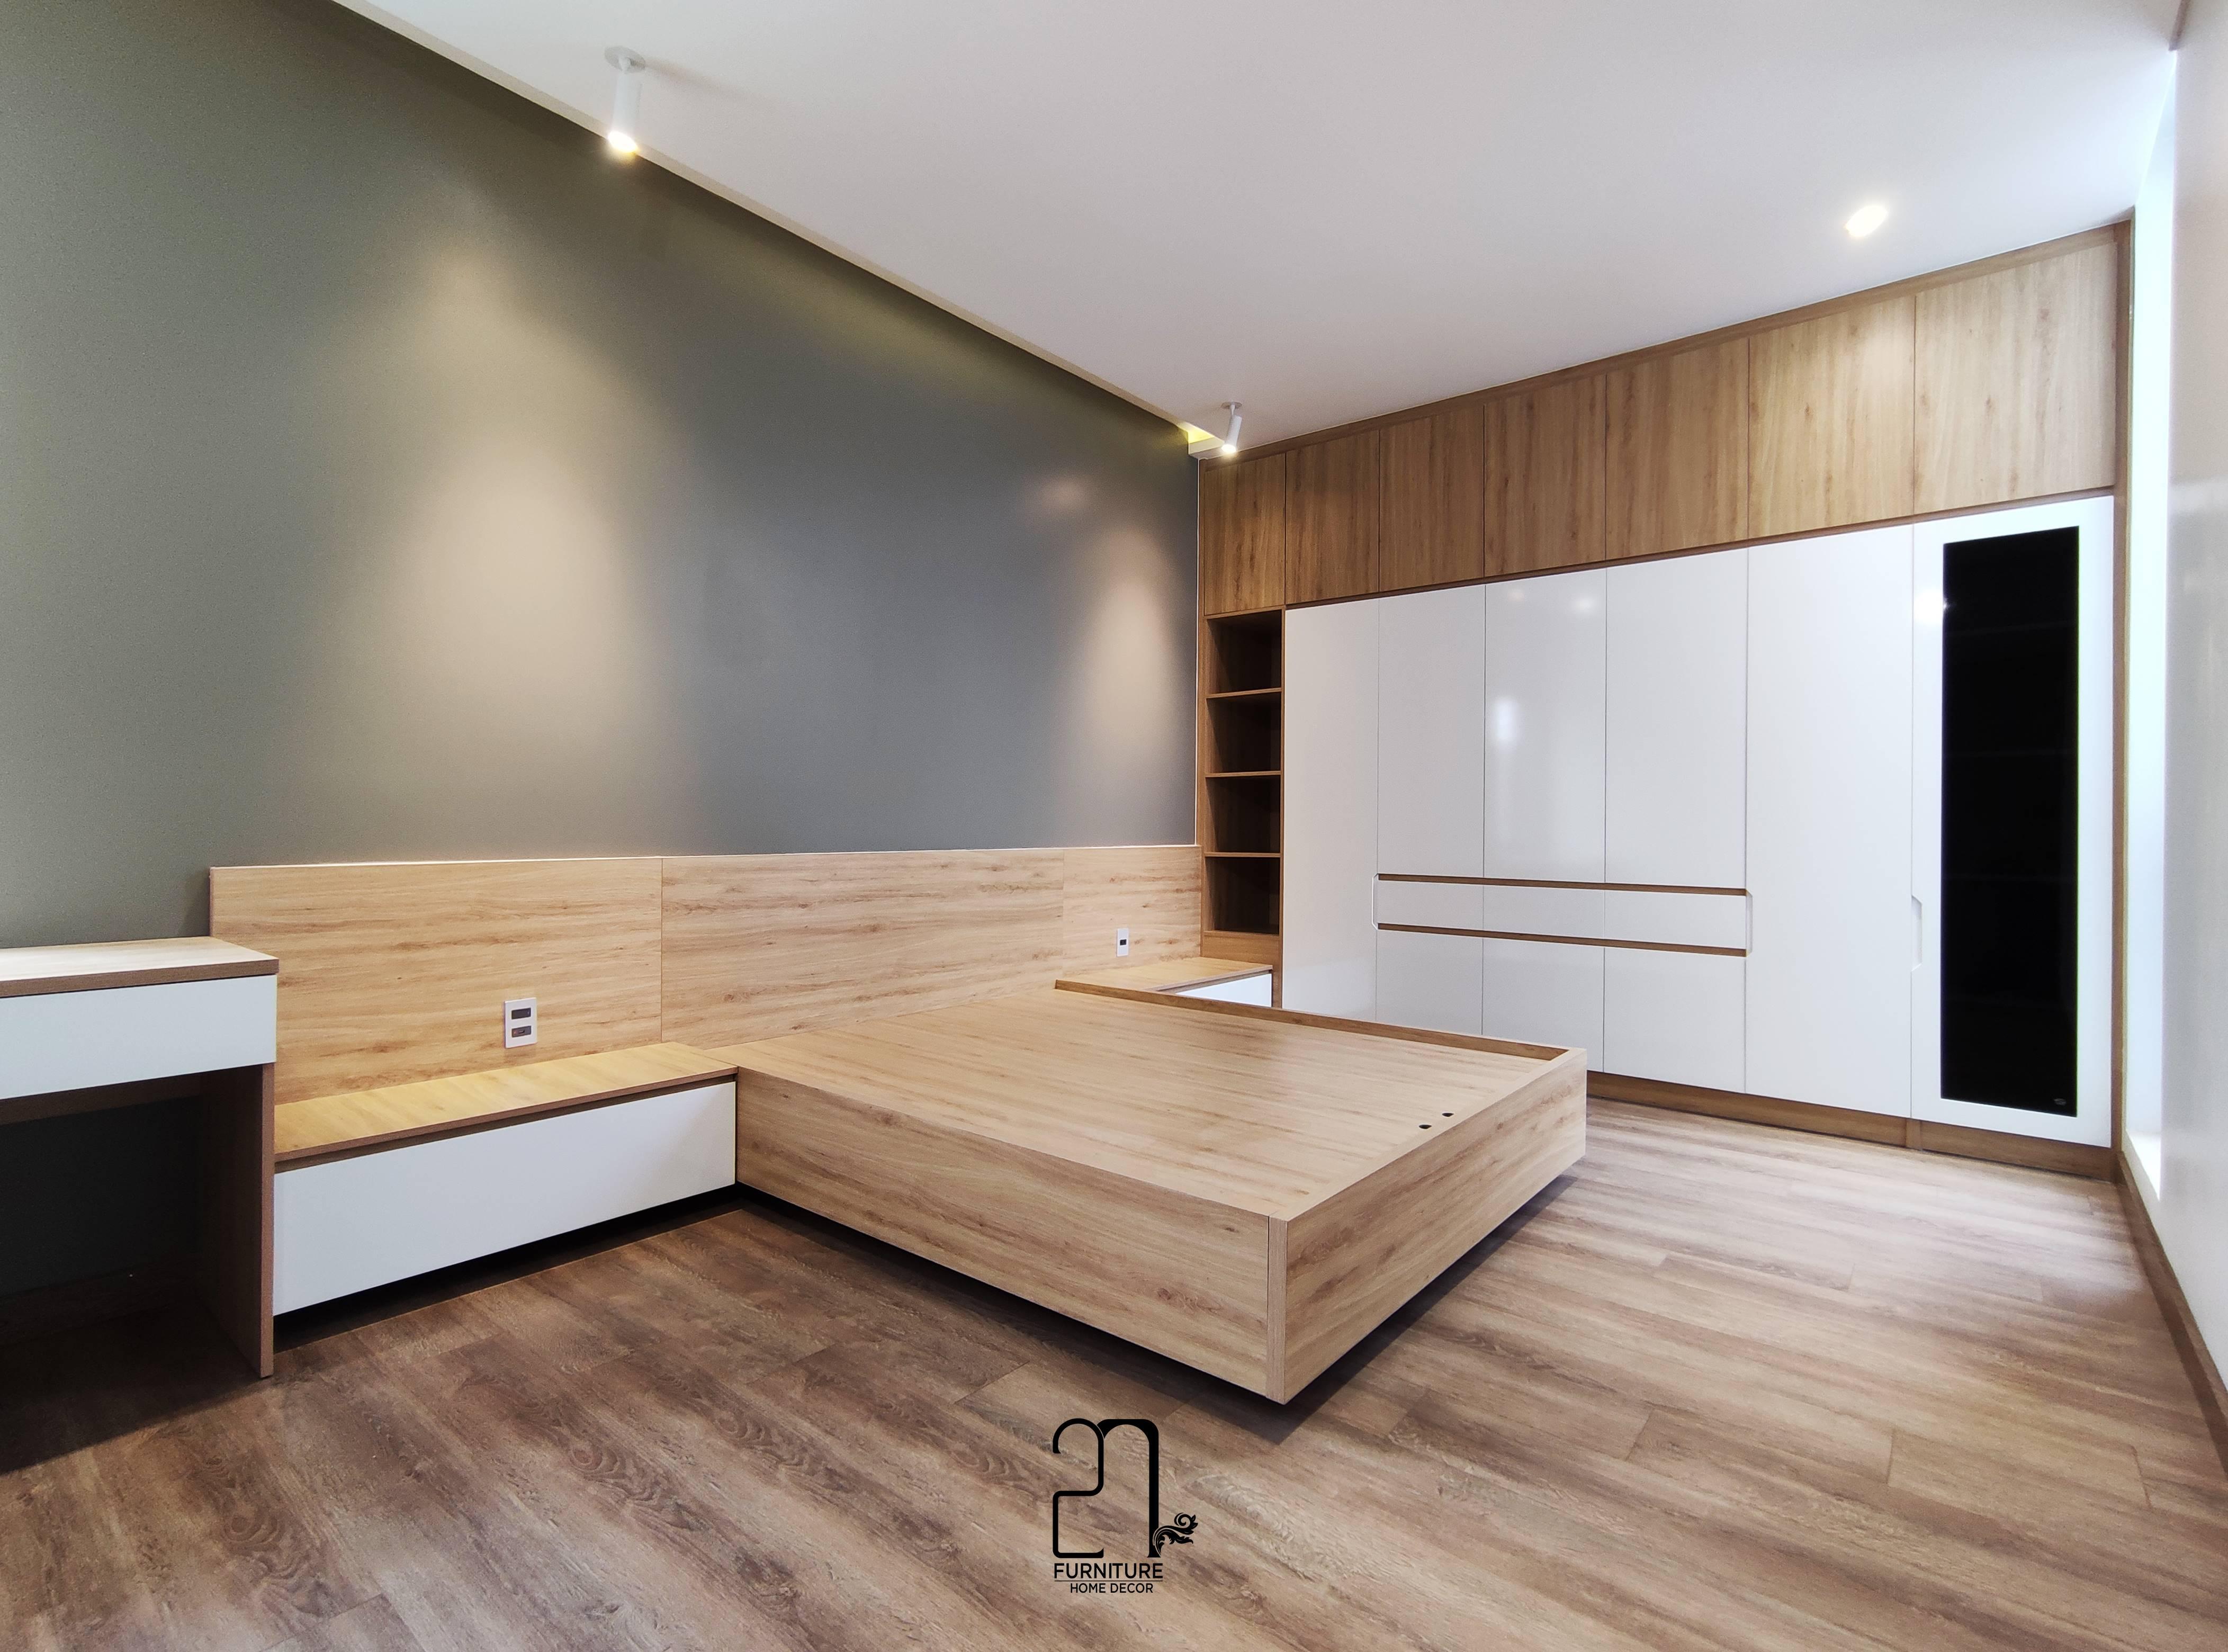 Thiết kế Biệt Thự tại Đồng Nai Thiết kế thi công biệt thự phố Biên Hòa 1631351893 5